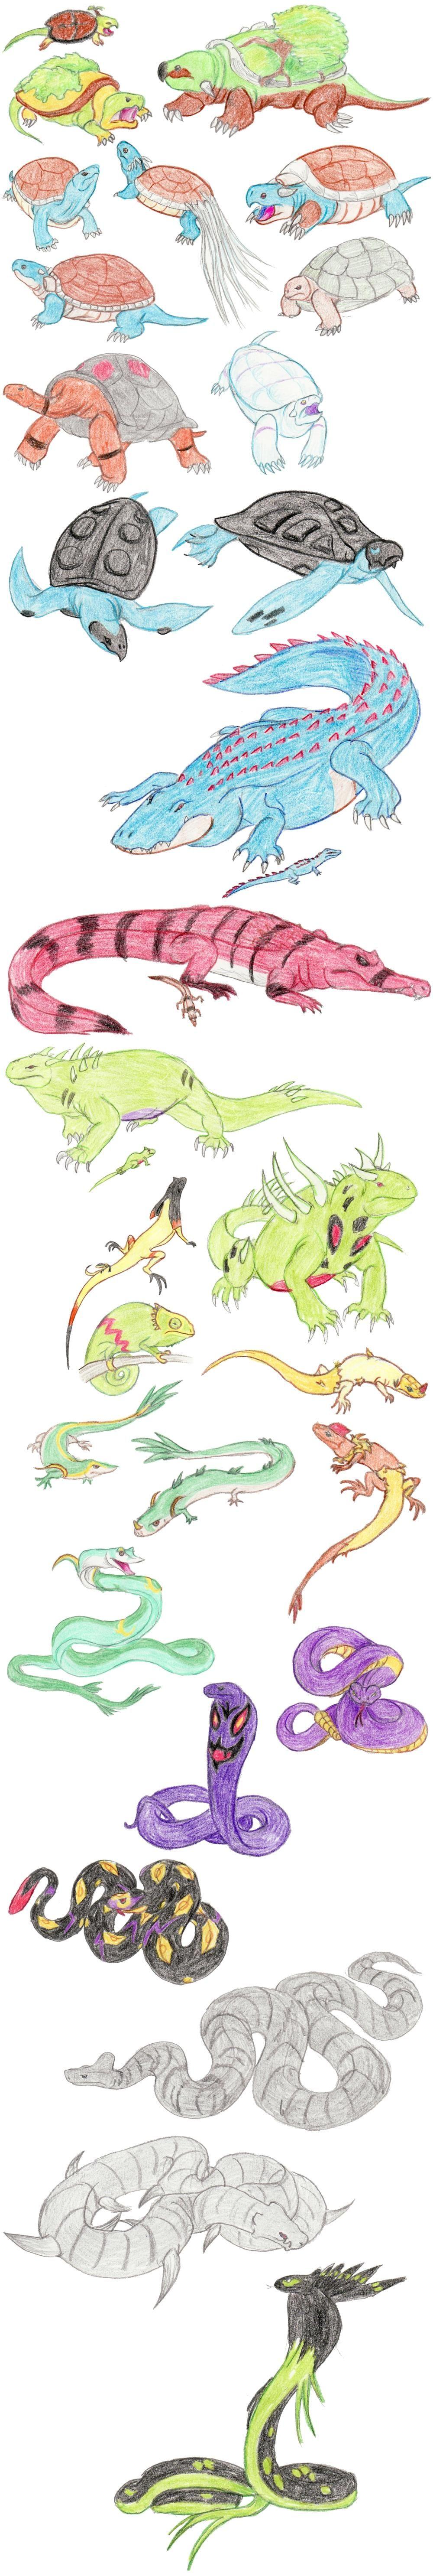 Reptilian Pokemon by DragonlordRynn on deviantART